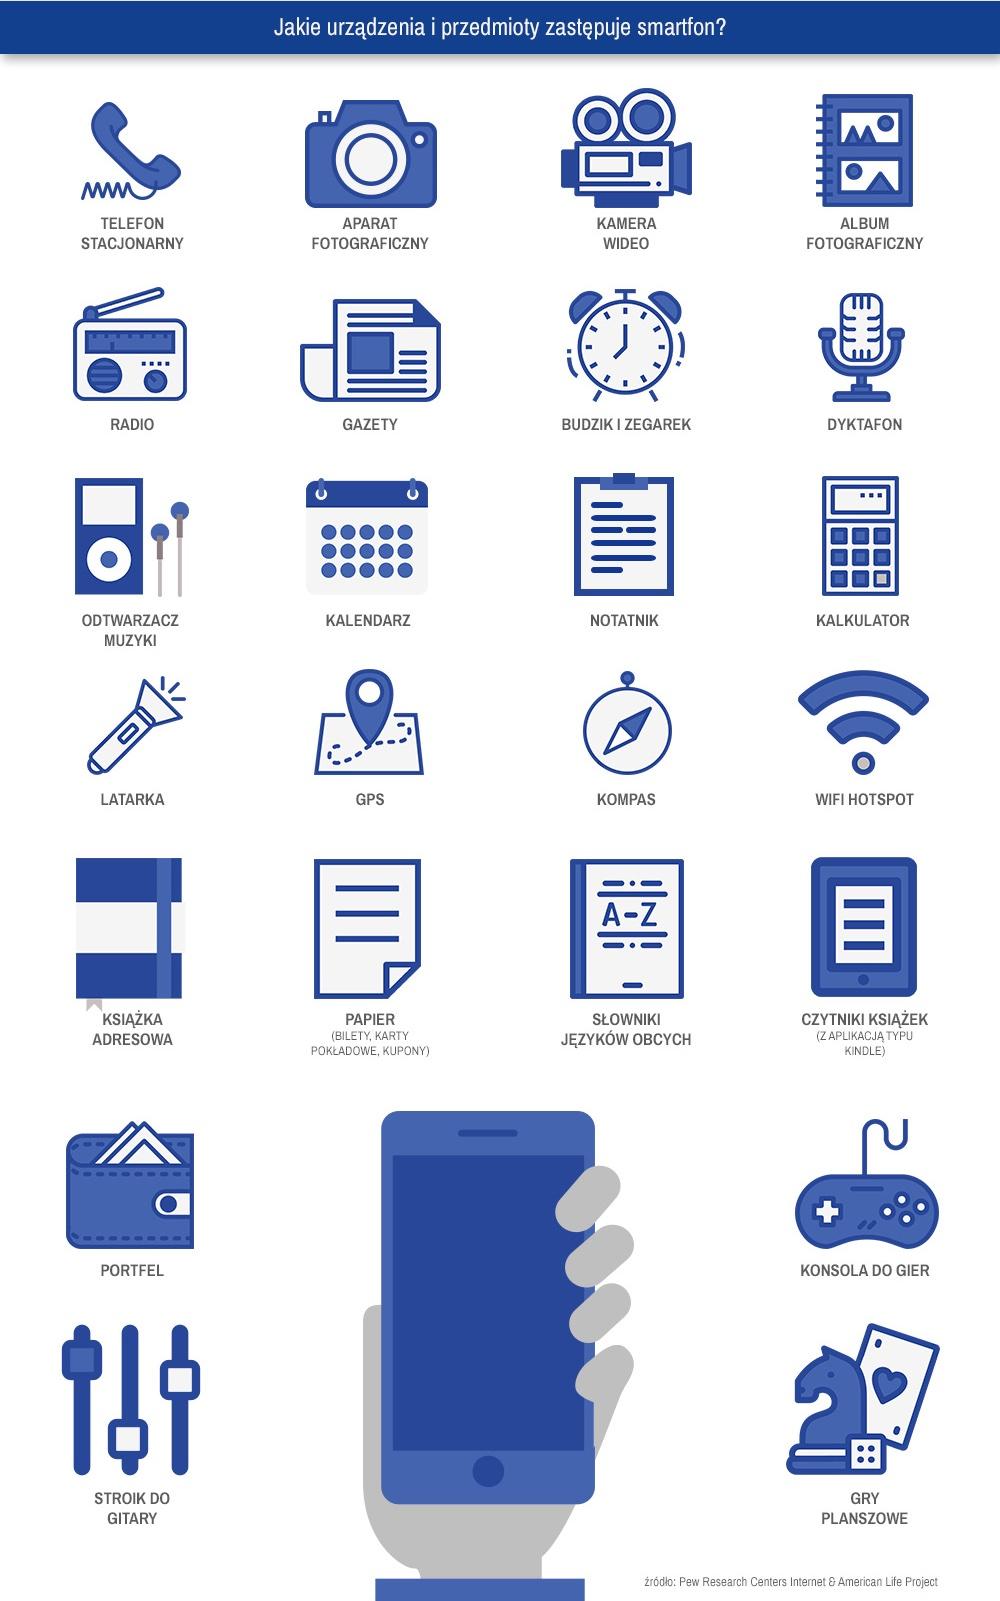 Jakie urządzenia i przedmioty zastępuje nam smartfon?